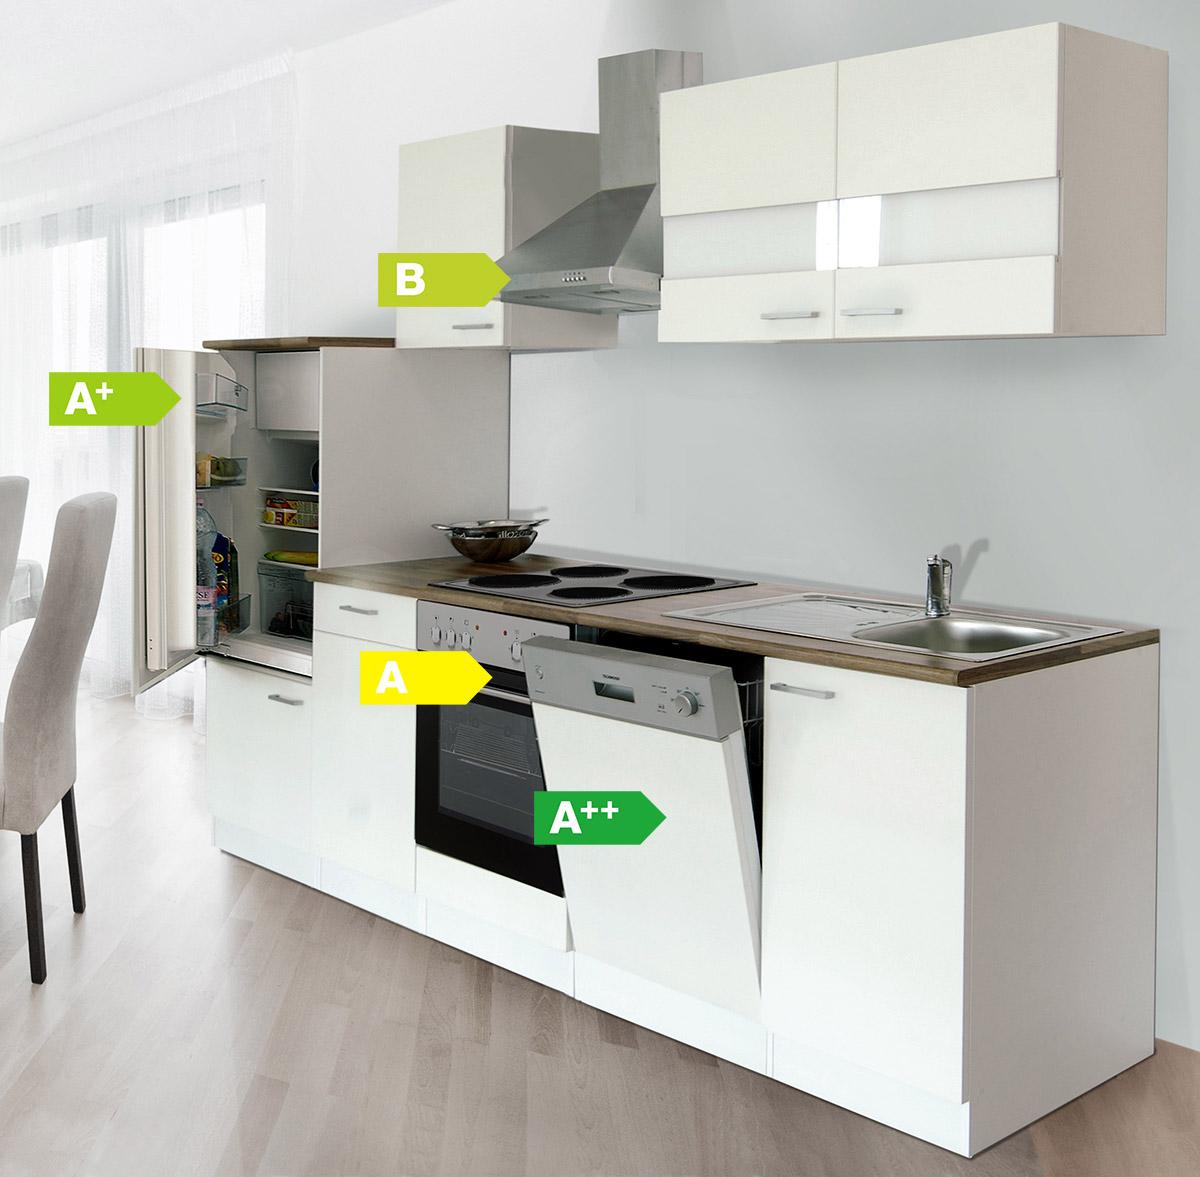 k chenzeile 280 cm wei kaminhaube k che k chen k chenblock k chenm bel ebay. Black Bedroom Furniture Sets. Home Design Ideas